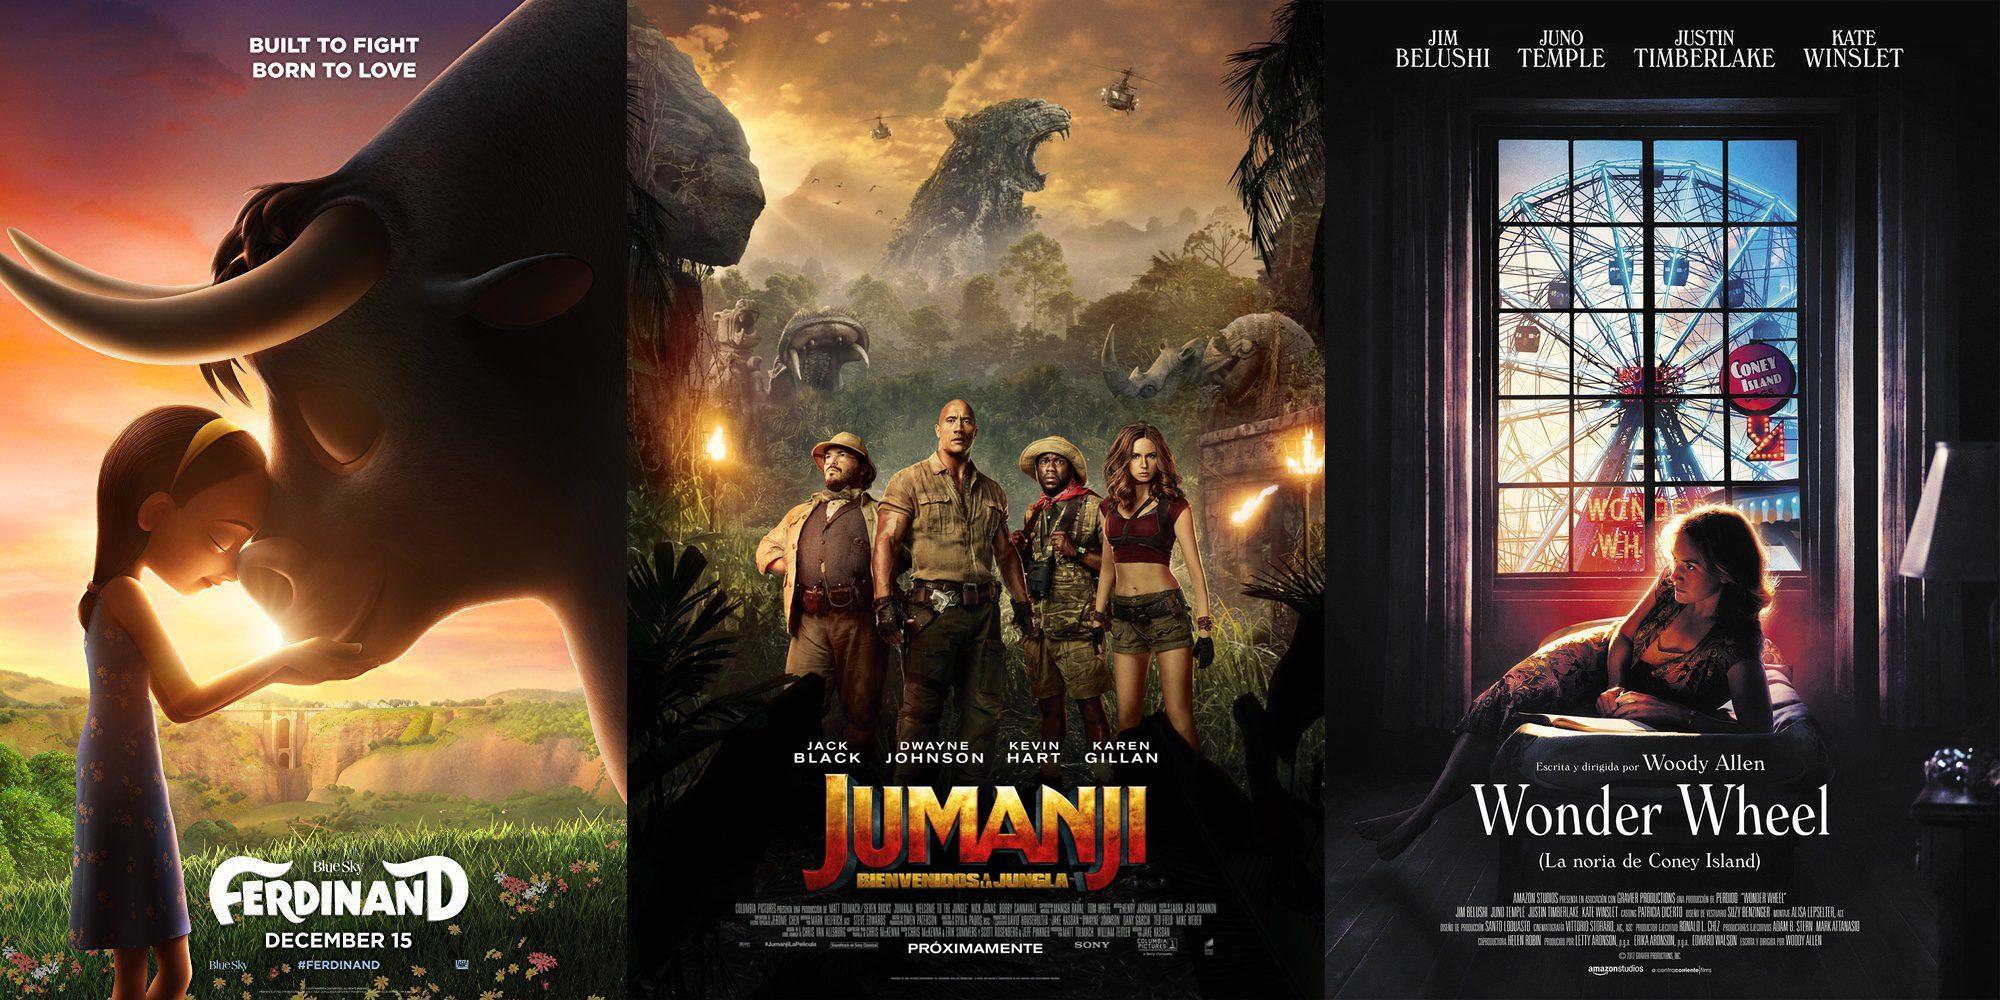 'Jumanji', 'Ferdinand' y 'Wonder Wheel': el cine que llega por Navidad